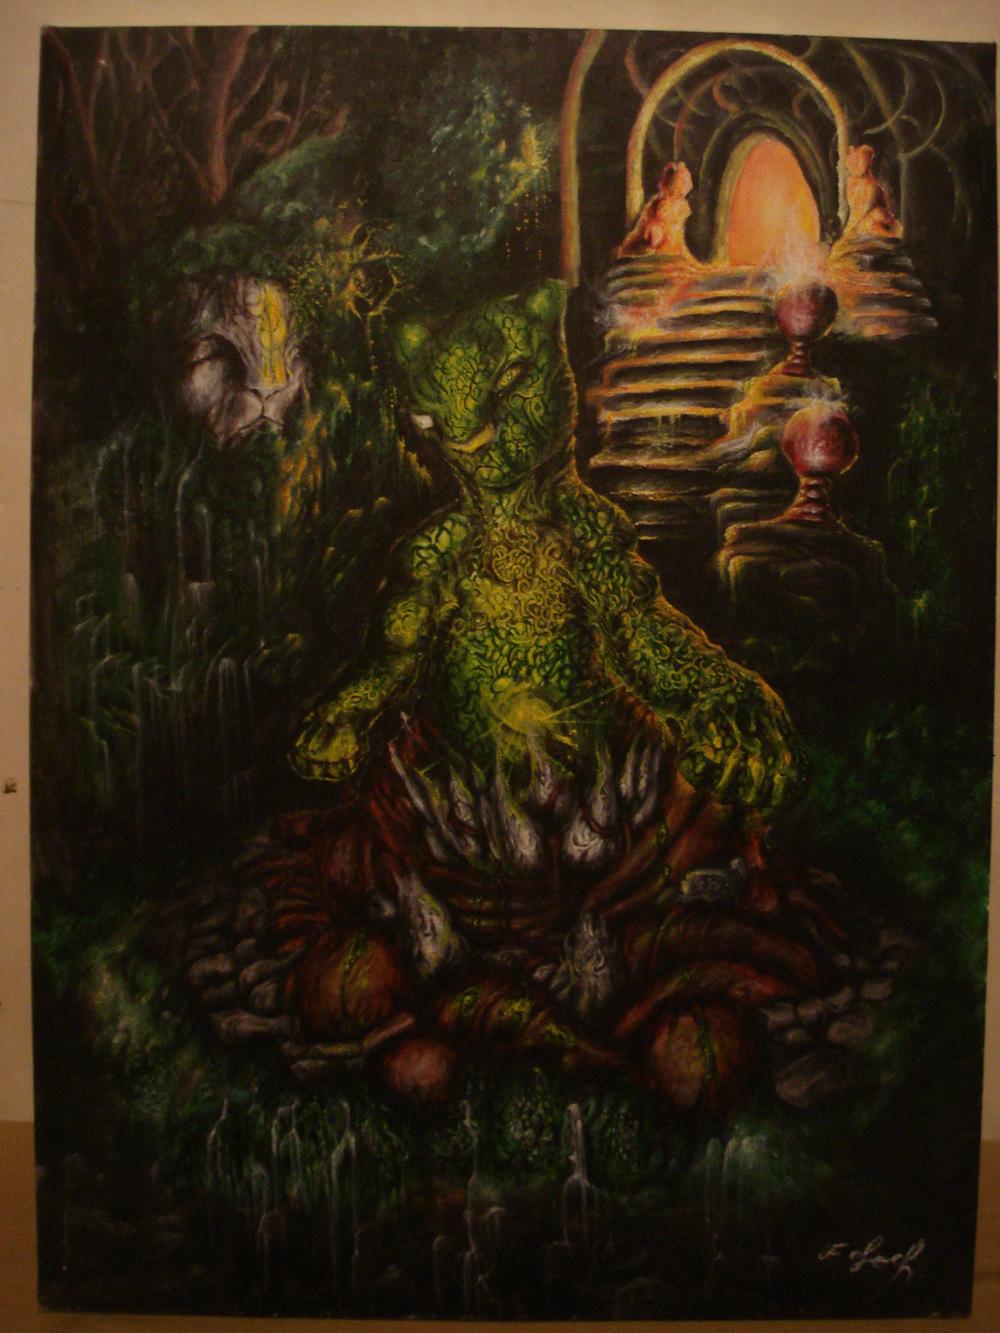 Toile du fantasme - Le seigneur de jade